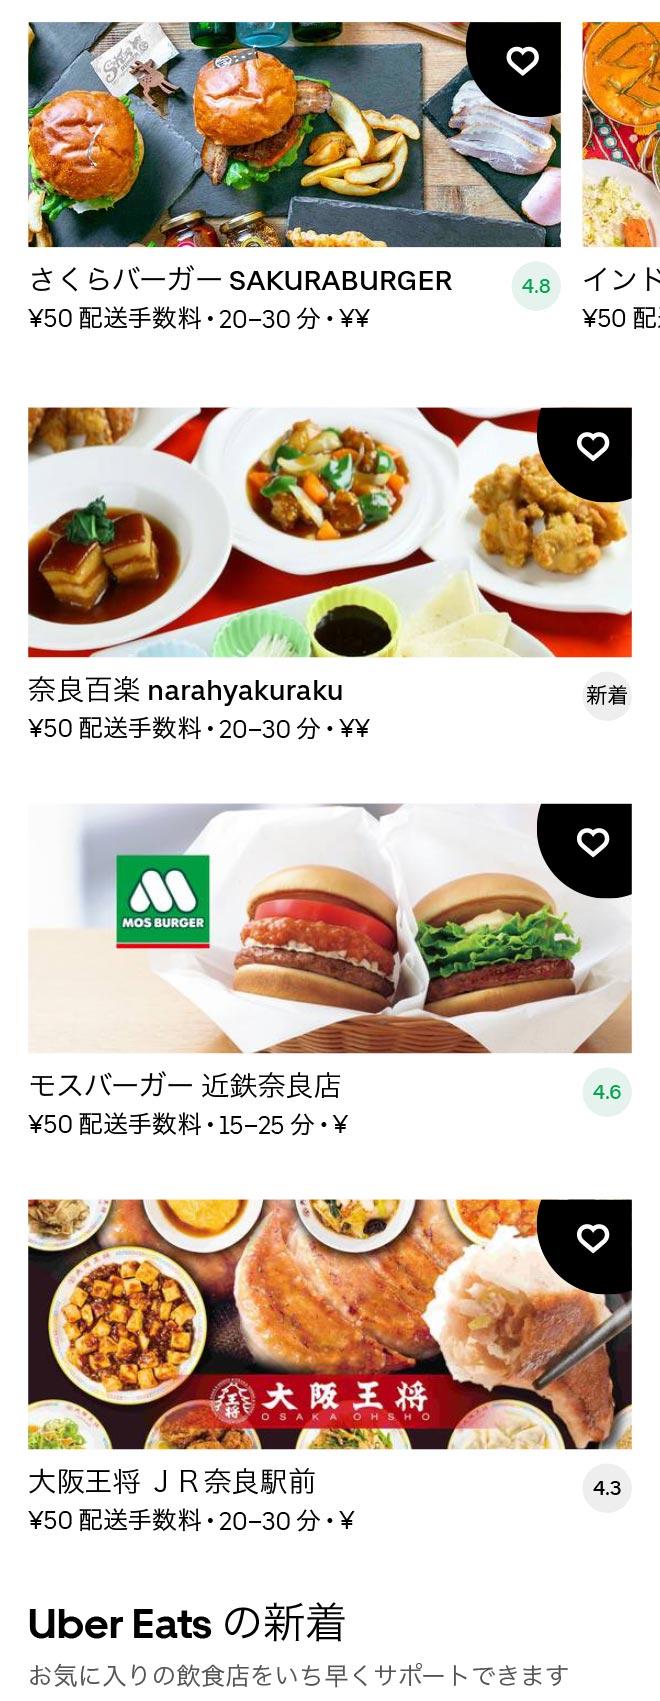 Nara menu 2011 02